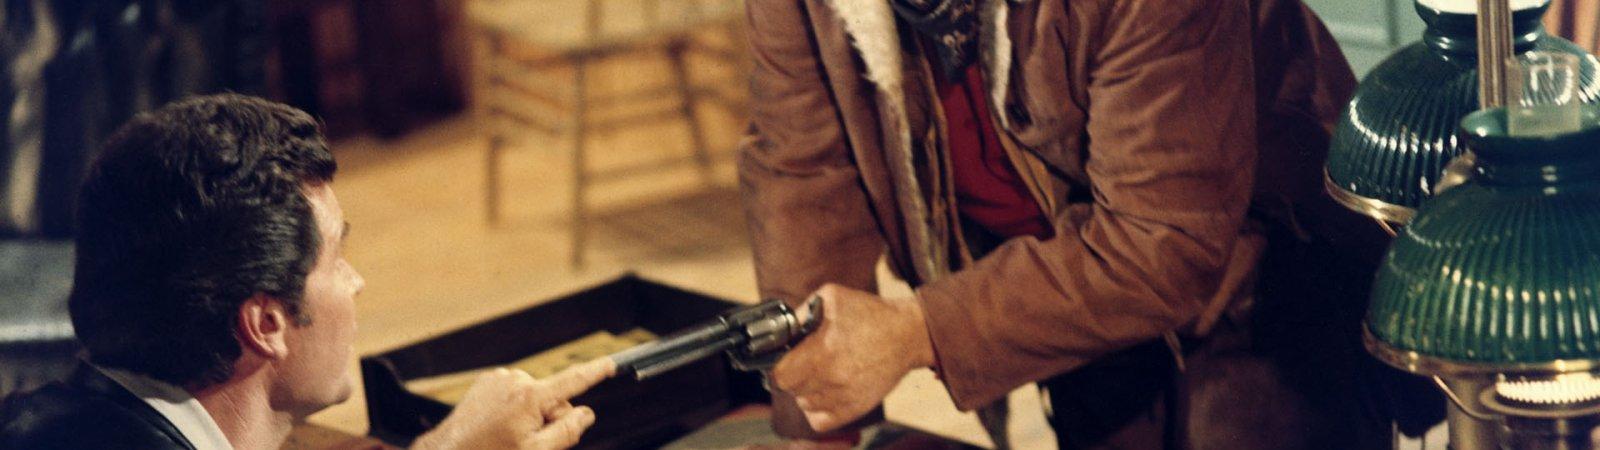 Photo du film : Ne tirez pas sur le sherif